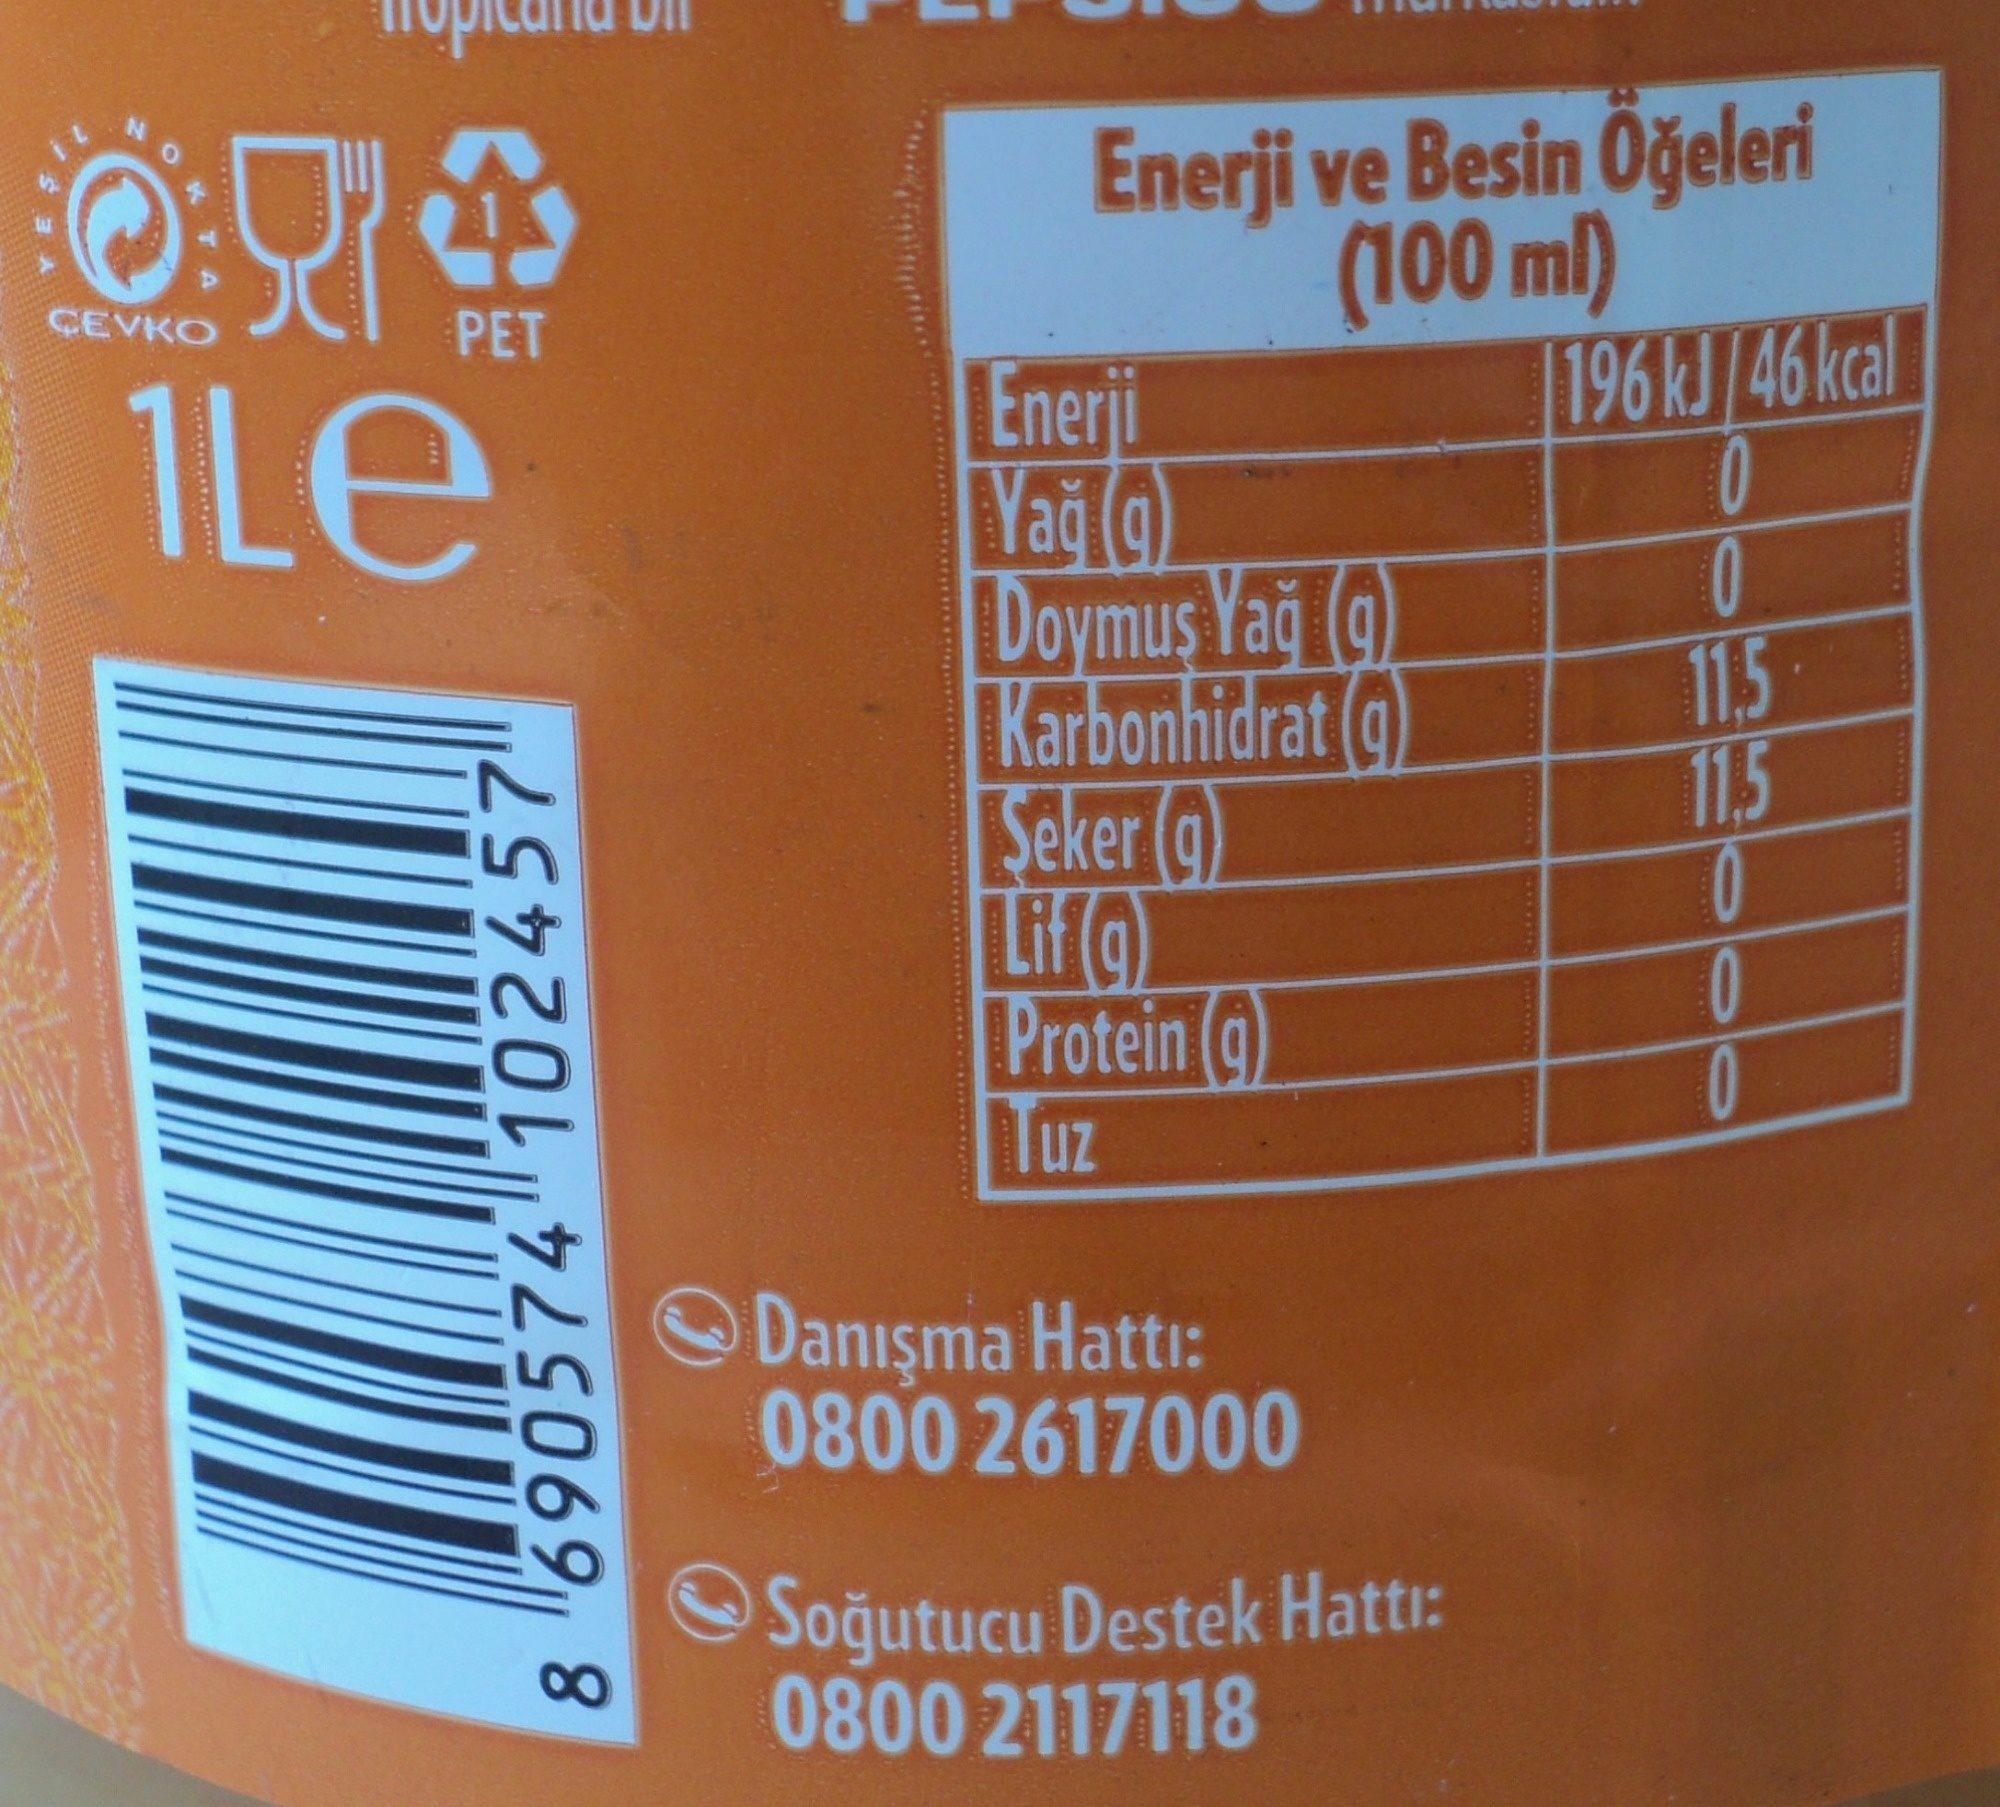 Tropicana Suc de portocale, cu pulpa - Beslenme gerçekleri